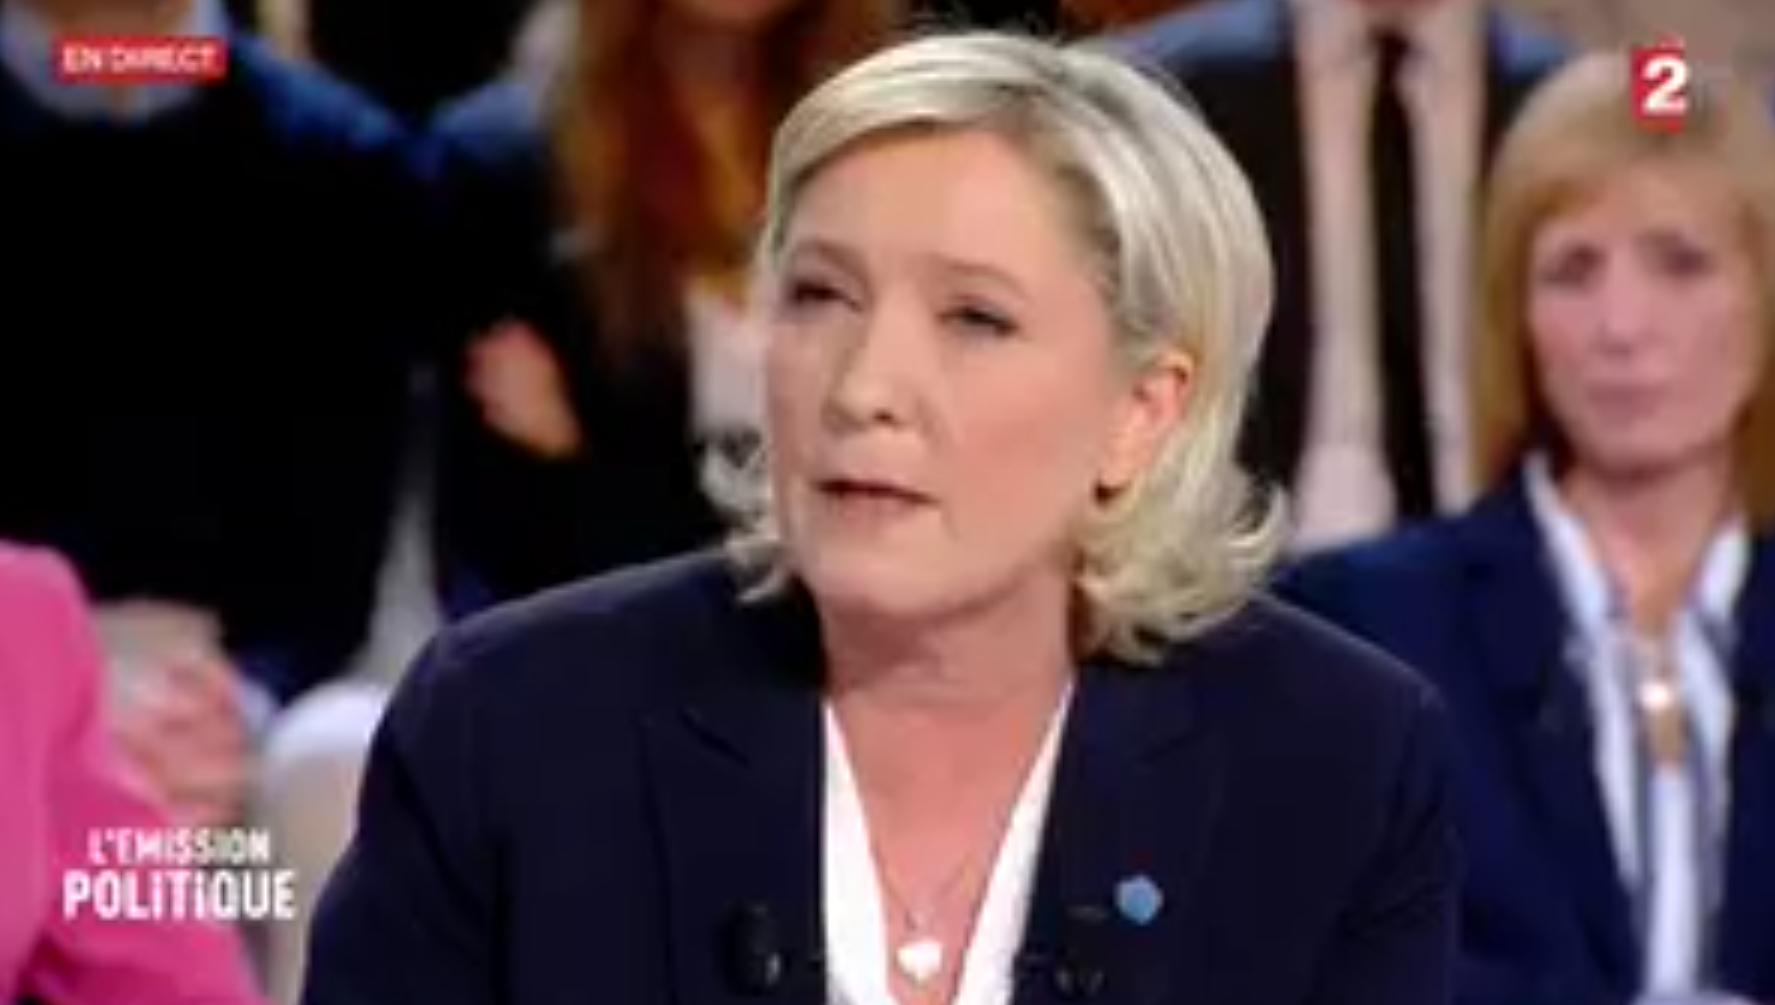 """Emplois fictifs aux FN : les enquêteurs auraient eu accès à des documents """"compromettants"""""""